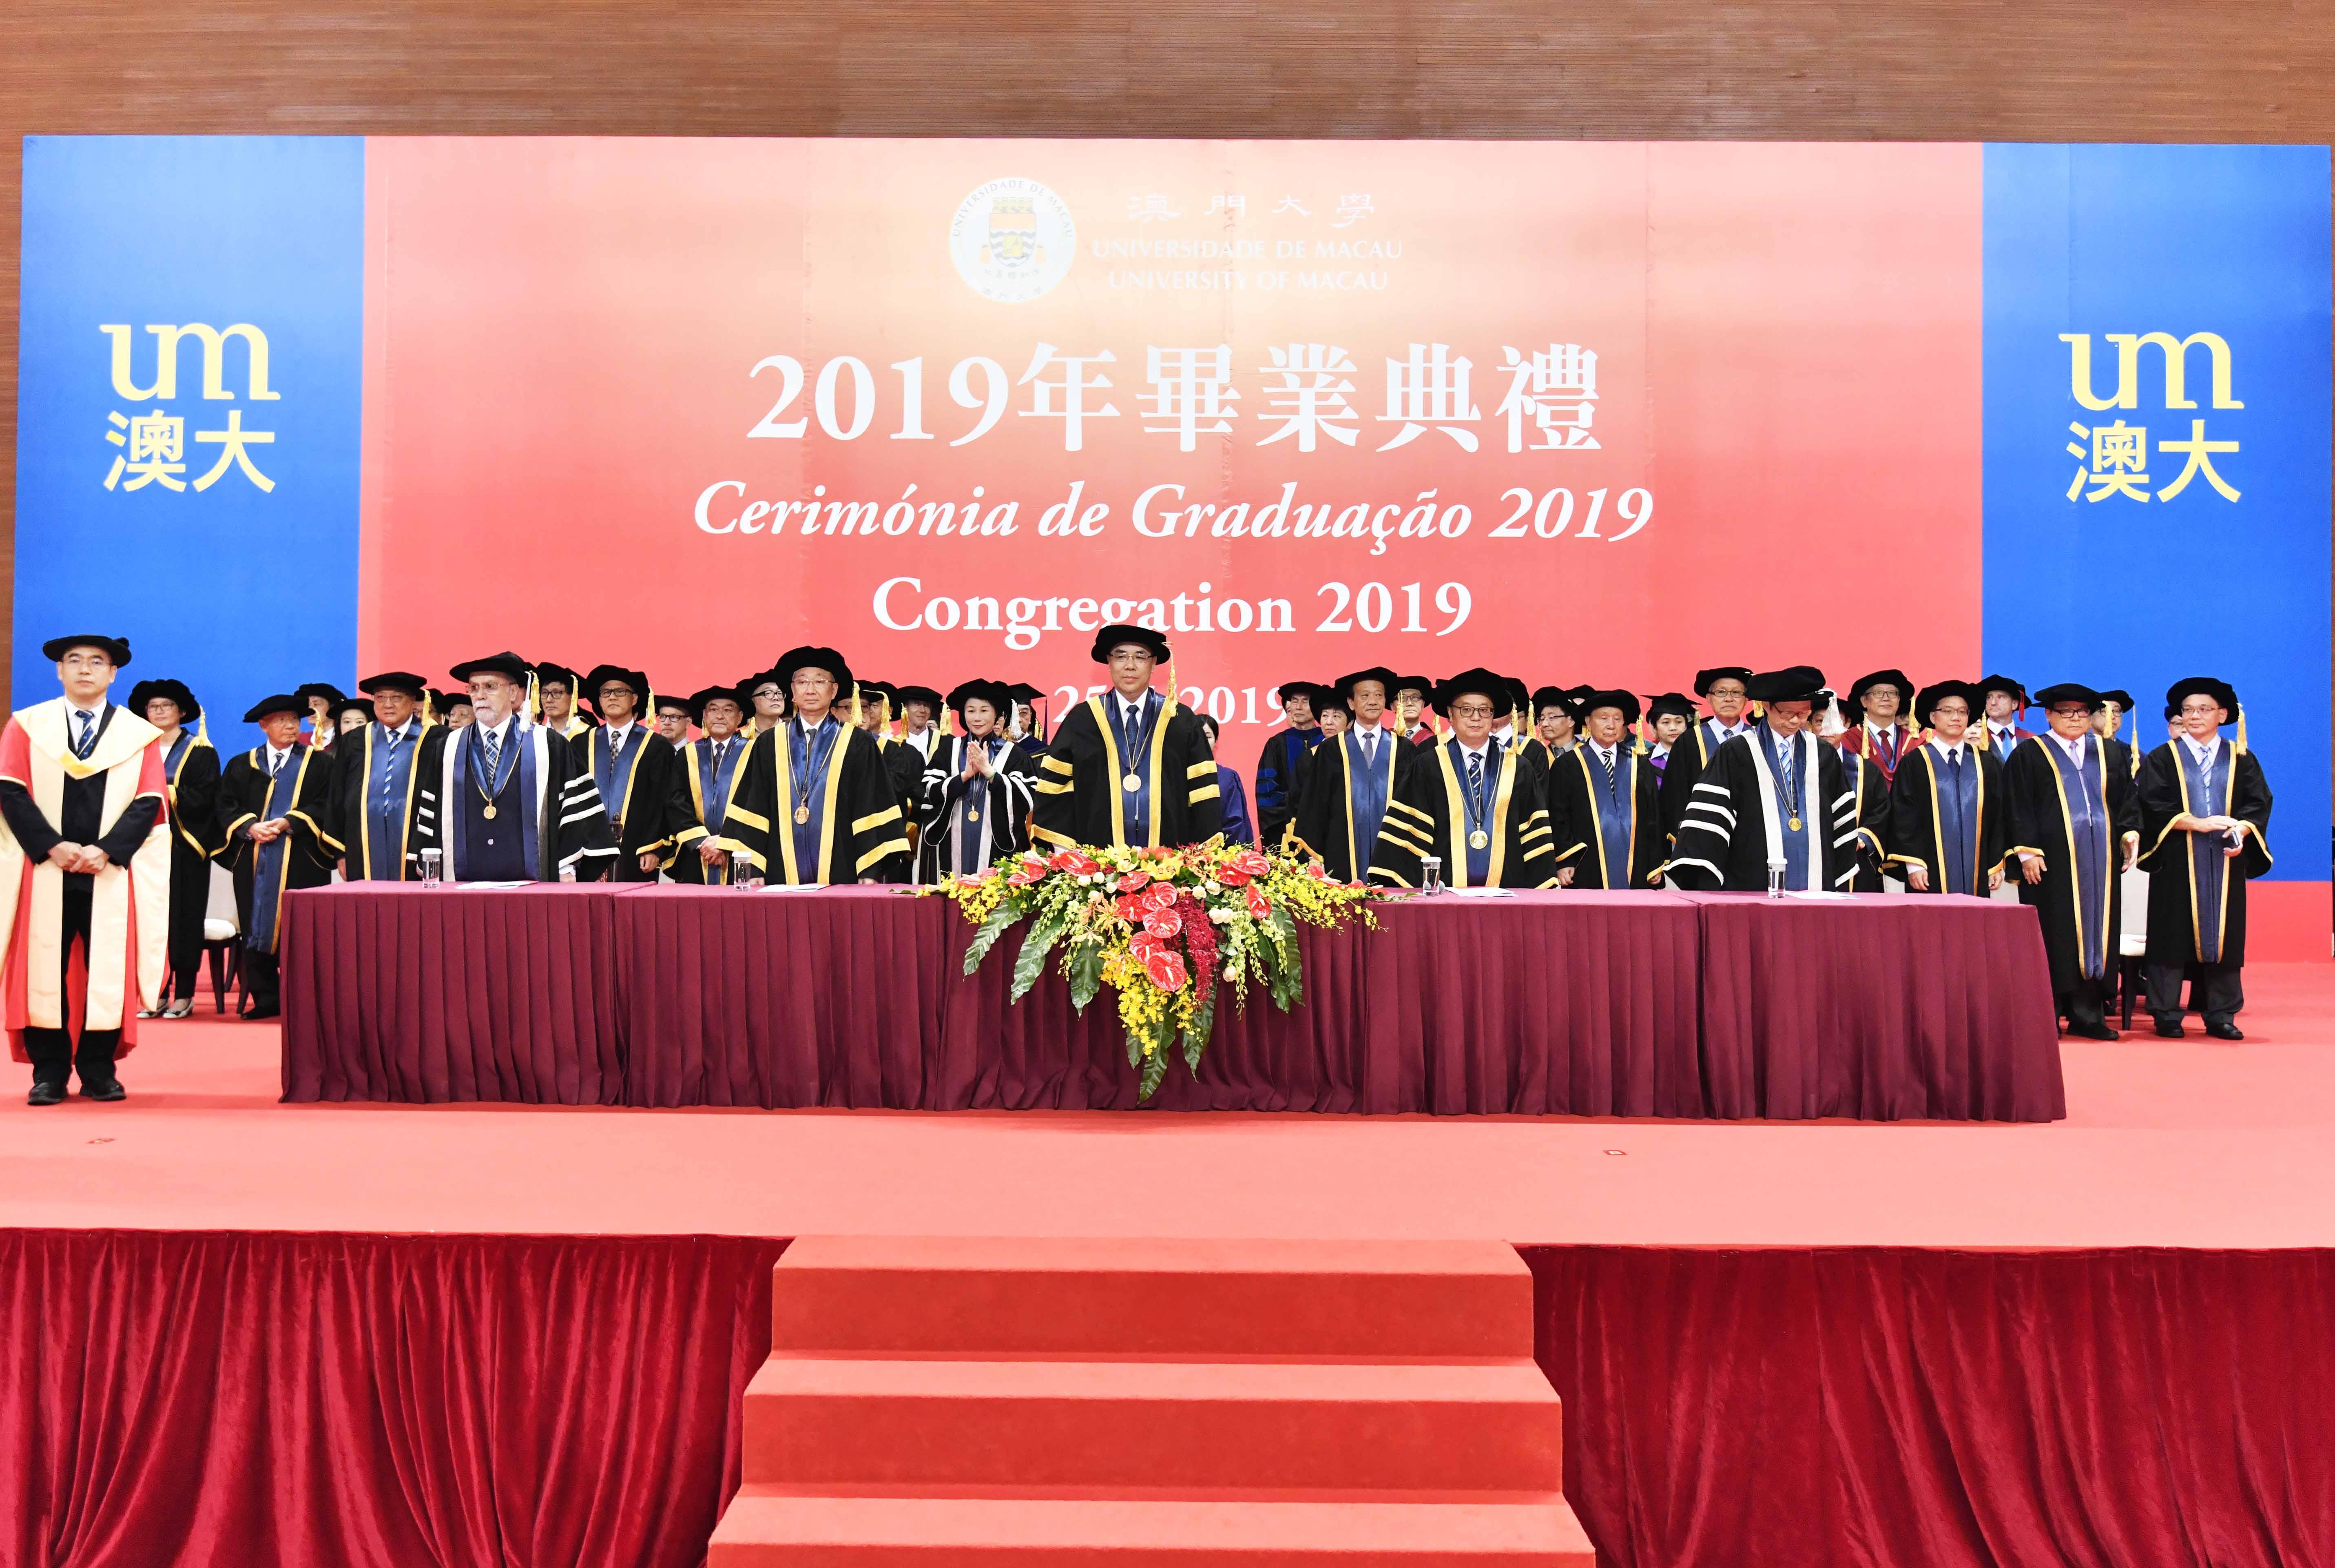 UM's Congregation 2019